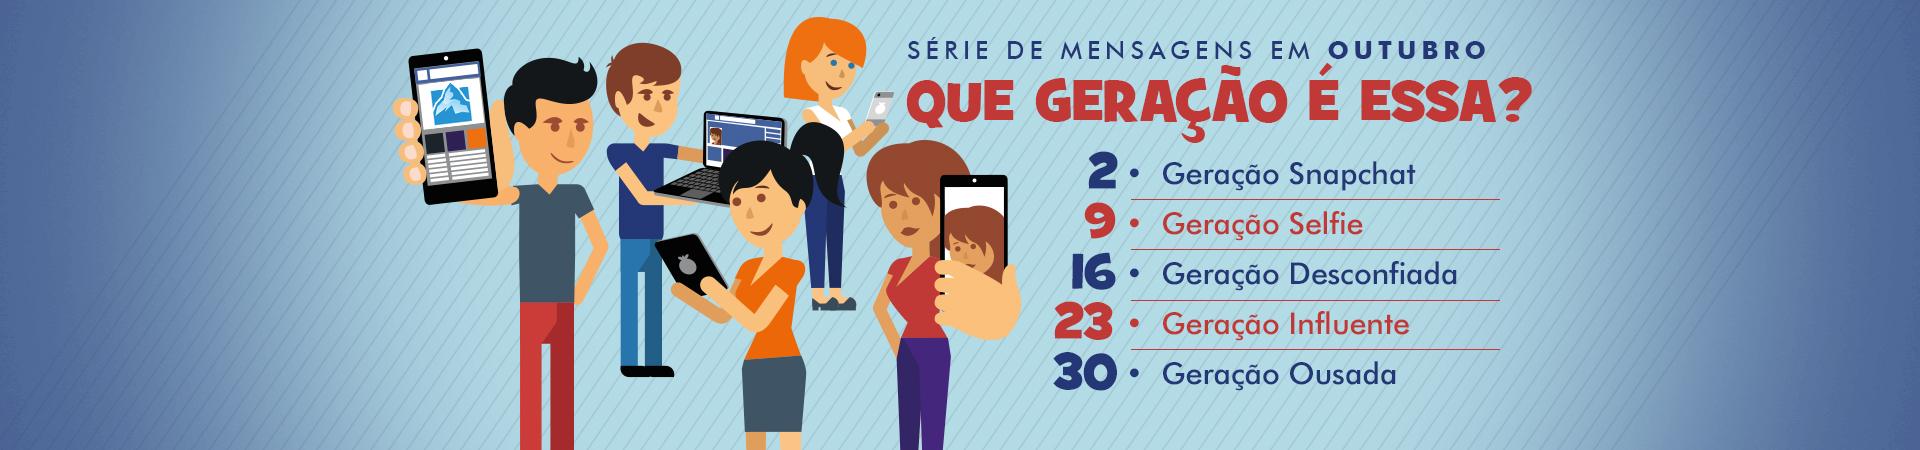 baner_que_geracao_e_essa